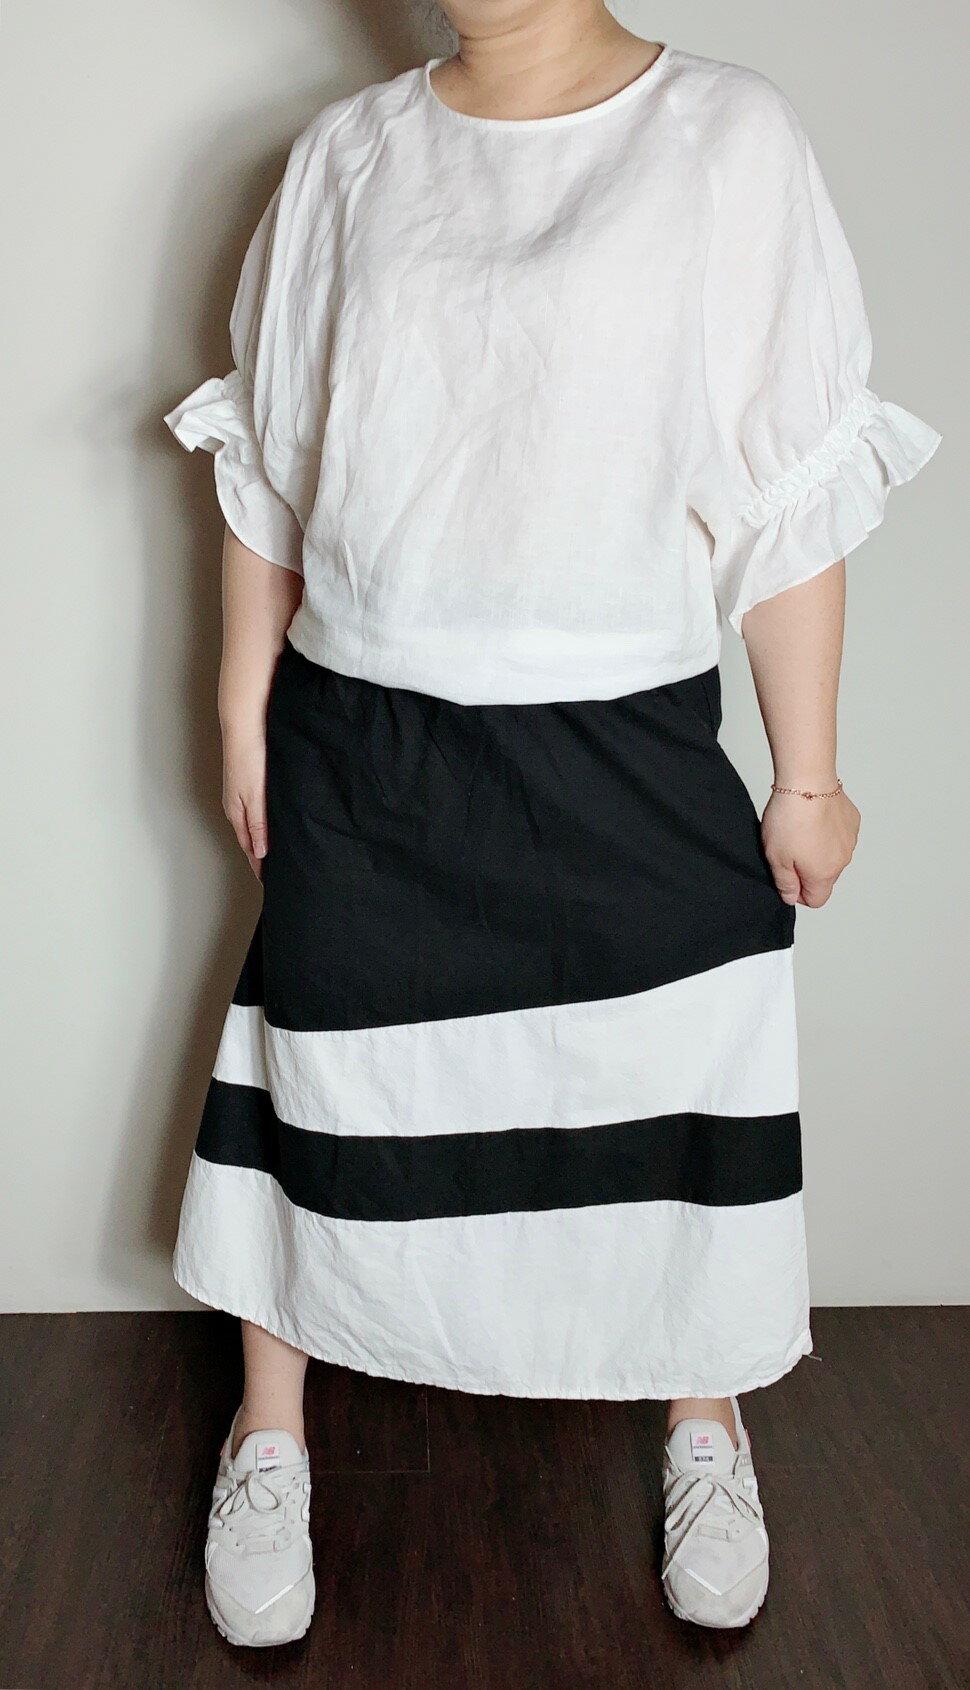 黑白拼接棉質長裙